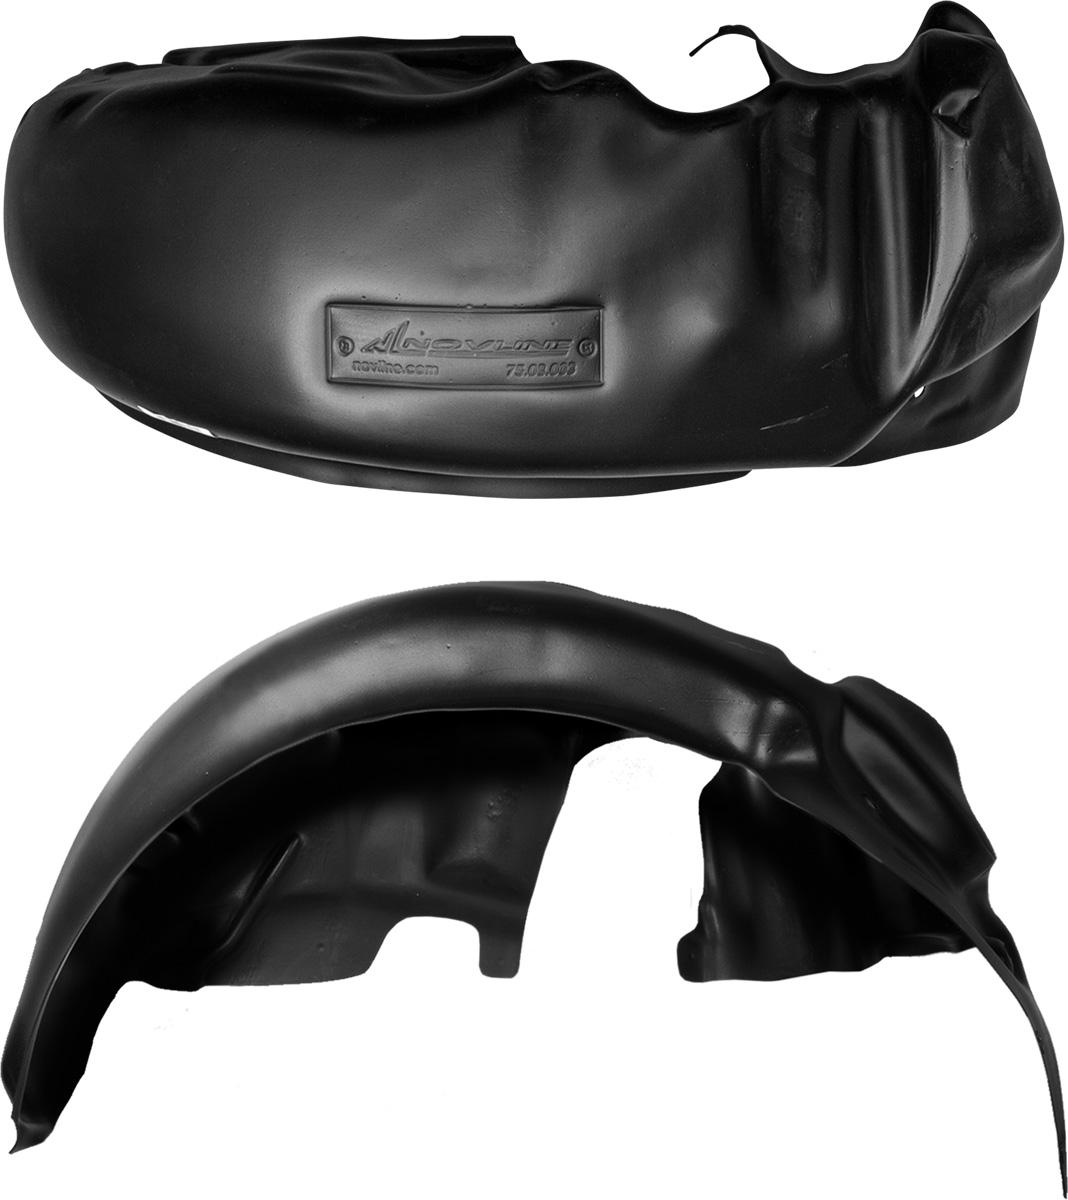 Подкрылок Novline-Autofamily, для Toyota Camry, 07/2006-2011, задний левыйNLL.48.14.003Колесные ниши - одни из самых уязвимых зон днища вашего автомобиля. Они постоянно подвергаются воздействию со стороны дороги. Лучшая, почти абсолютная защита для них - специально отформованные пластиковые кожухи, которые называются подкрылками. Производятся они как для отечественных моделей автомобилей, так и для иномарок. Подкрылки Novline-Autofamily выполнены из высококачественного, экологически чистого пластика. Обеспечивают надежную защиту кузова автомобиля от пескоструйного эффекта и негативного влияния, агрессивных антигололедных реагентов. Пластик обладает более низкой теплопроводностью, чем металл, поэтому в зимний период эксплуатации использование пластиковых подкрылков позволяет лучше защитить колесные ниши от налипания снега и образования наледи. Оригинальность конструкции подчеркивает элегантность автомобиля, бережно защищает нанесенное на днище кузова антикоррозийное покрытие и позволяет осуществить крепление подкрылков внутри колесной арки практически без дополнительного крепежа и сверления, не нарушая при этом лакокрасочного покрытия, что предотвращает возникновение новых очагов коррозии. Подкрылки долговечны, обладают высокой прочностью и сохраняют заданную форму, а также все свои физико-механические характеристики в самых тяжелых климатических условиях (от -50°С до +50°С).Уважаемые клиенты!Обращаем ваше внимание, на тот факт, что подкрылок имеет форму, соответствующую модели данного автомобиля. Фото служит для визуального восприятия товара.